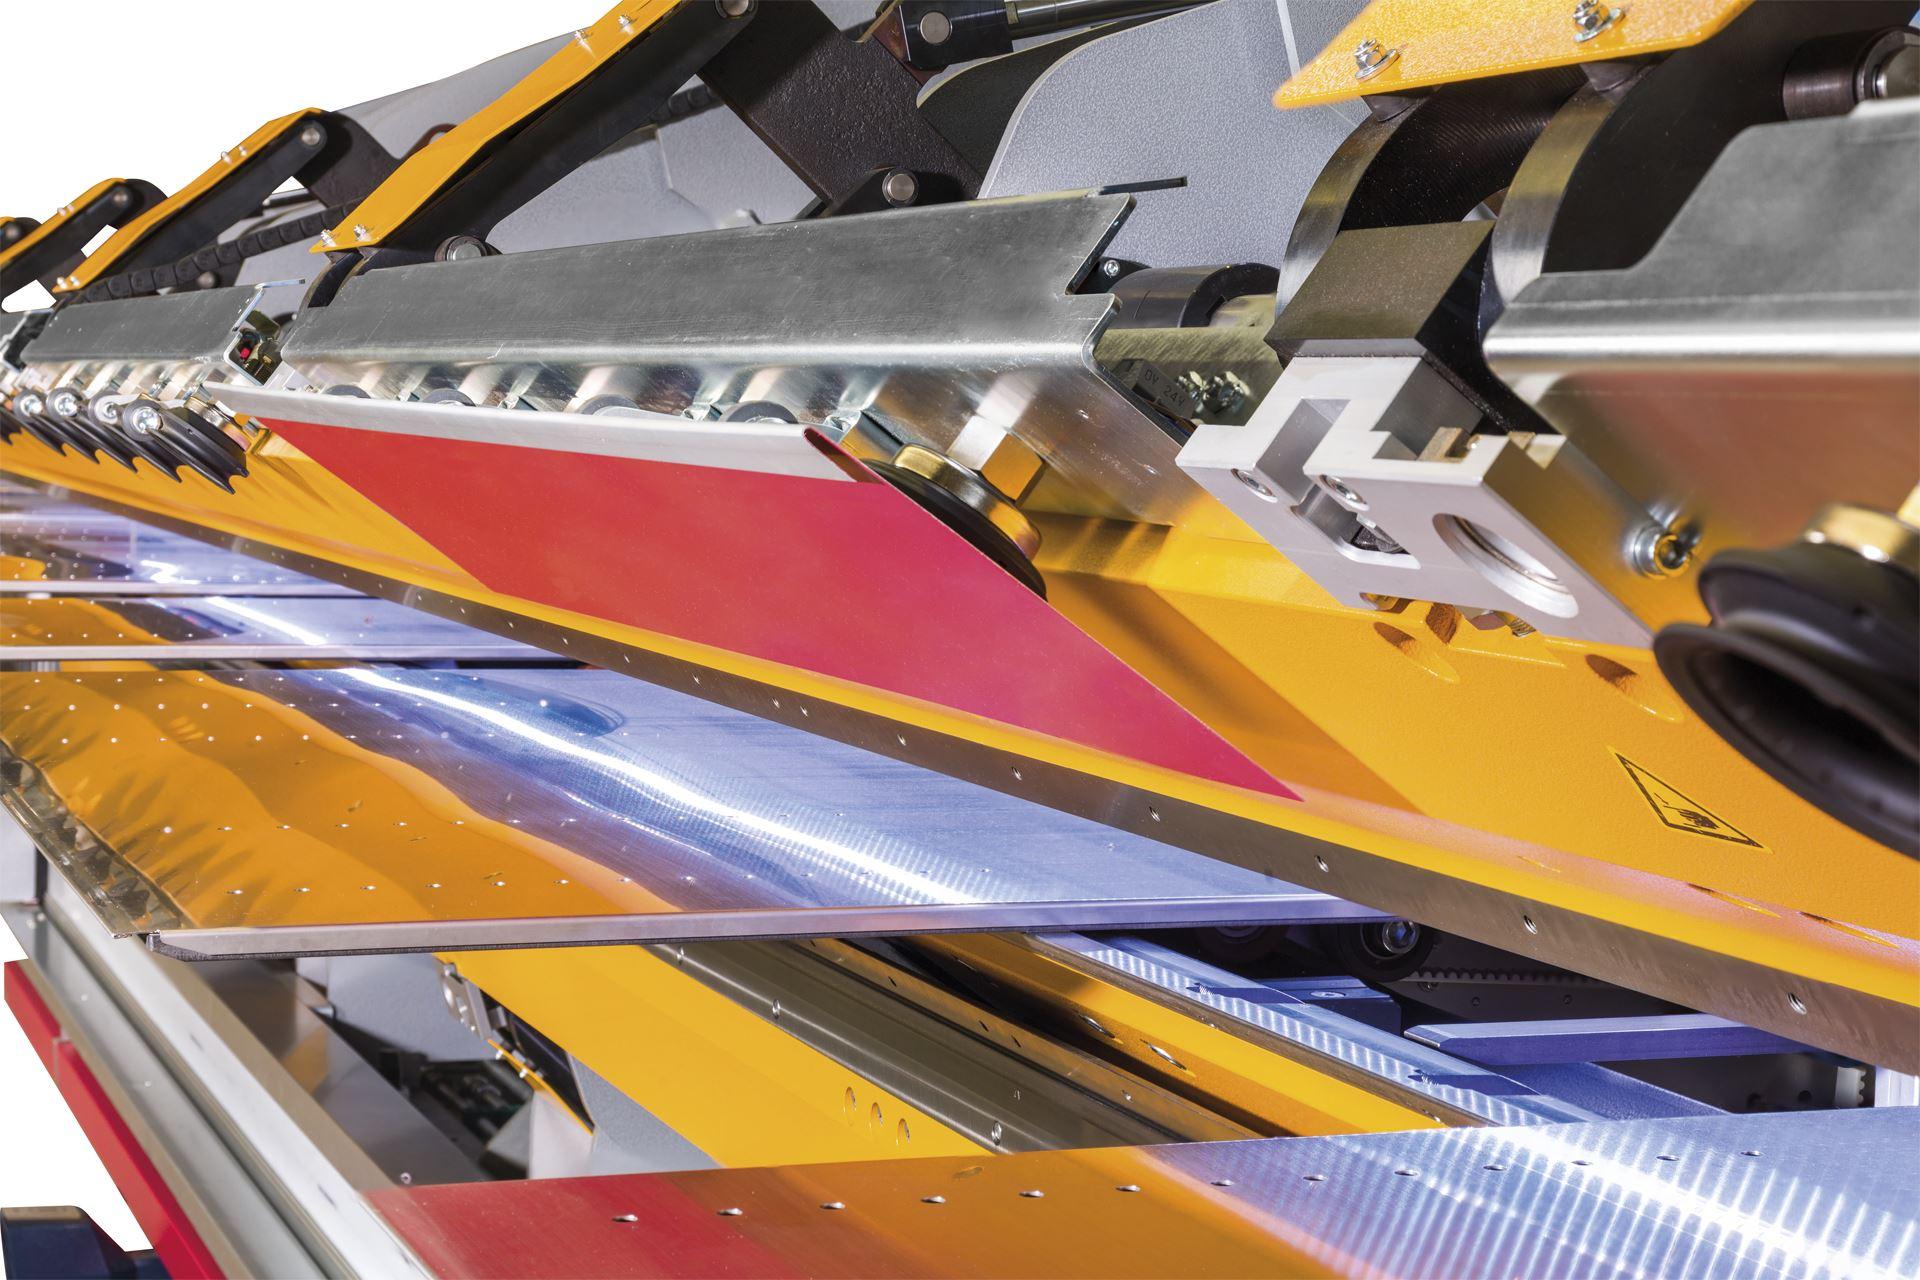 Die automatische Blechwende-Einheit sorgt für eine signifikante Reduzierung des Blechteilehandlings